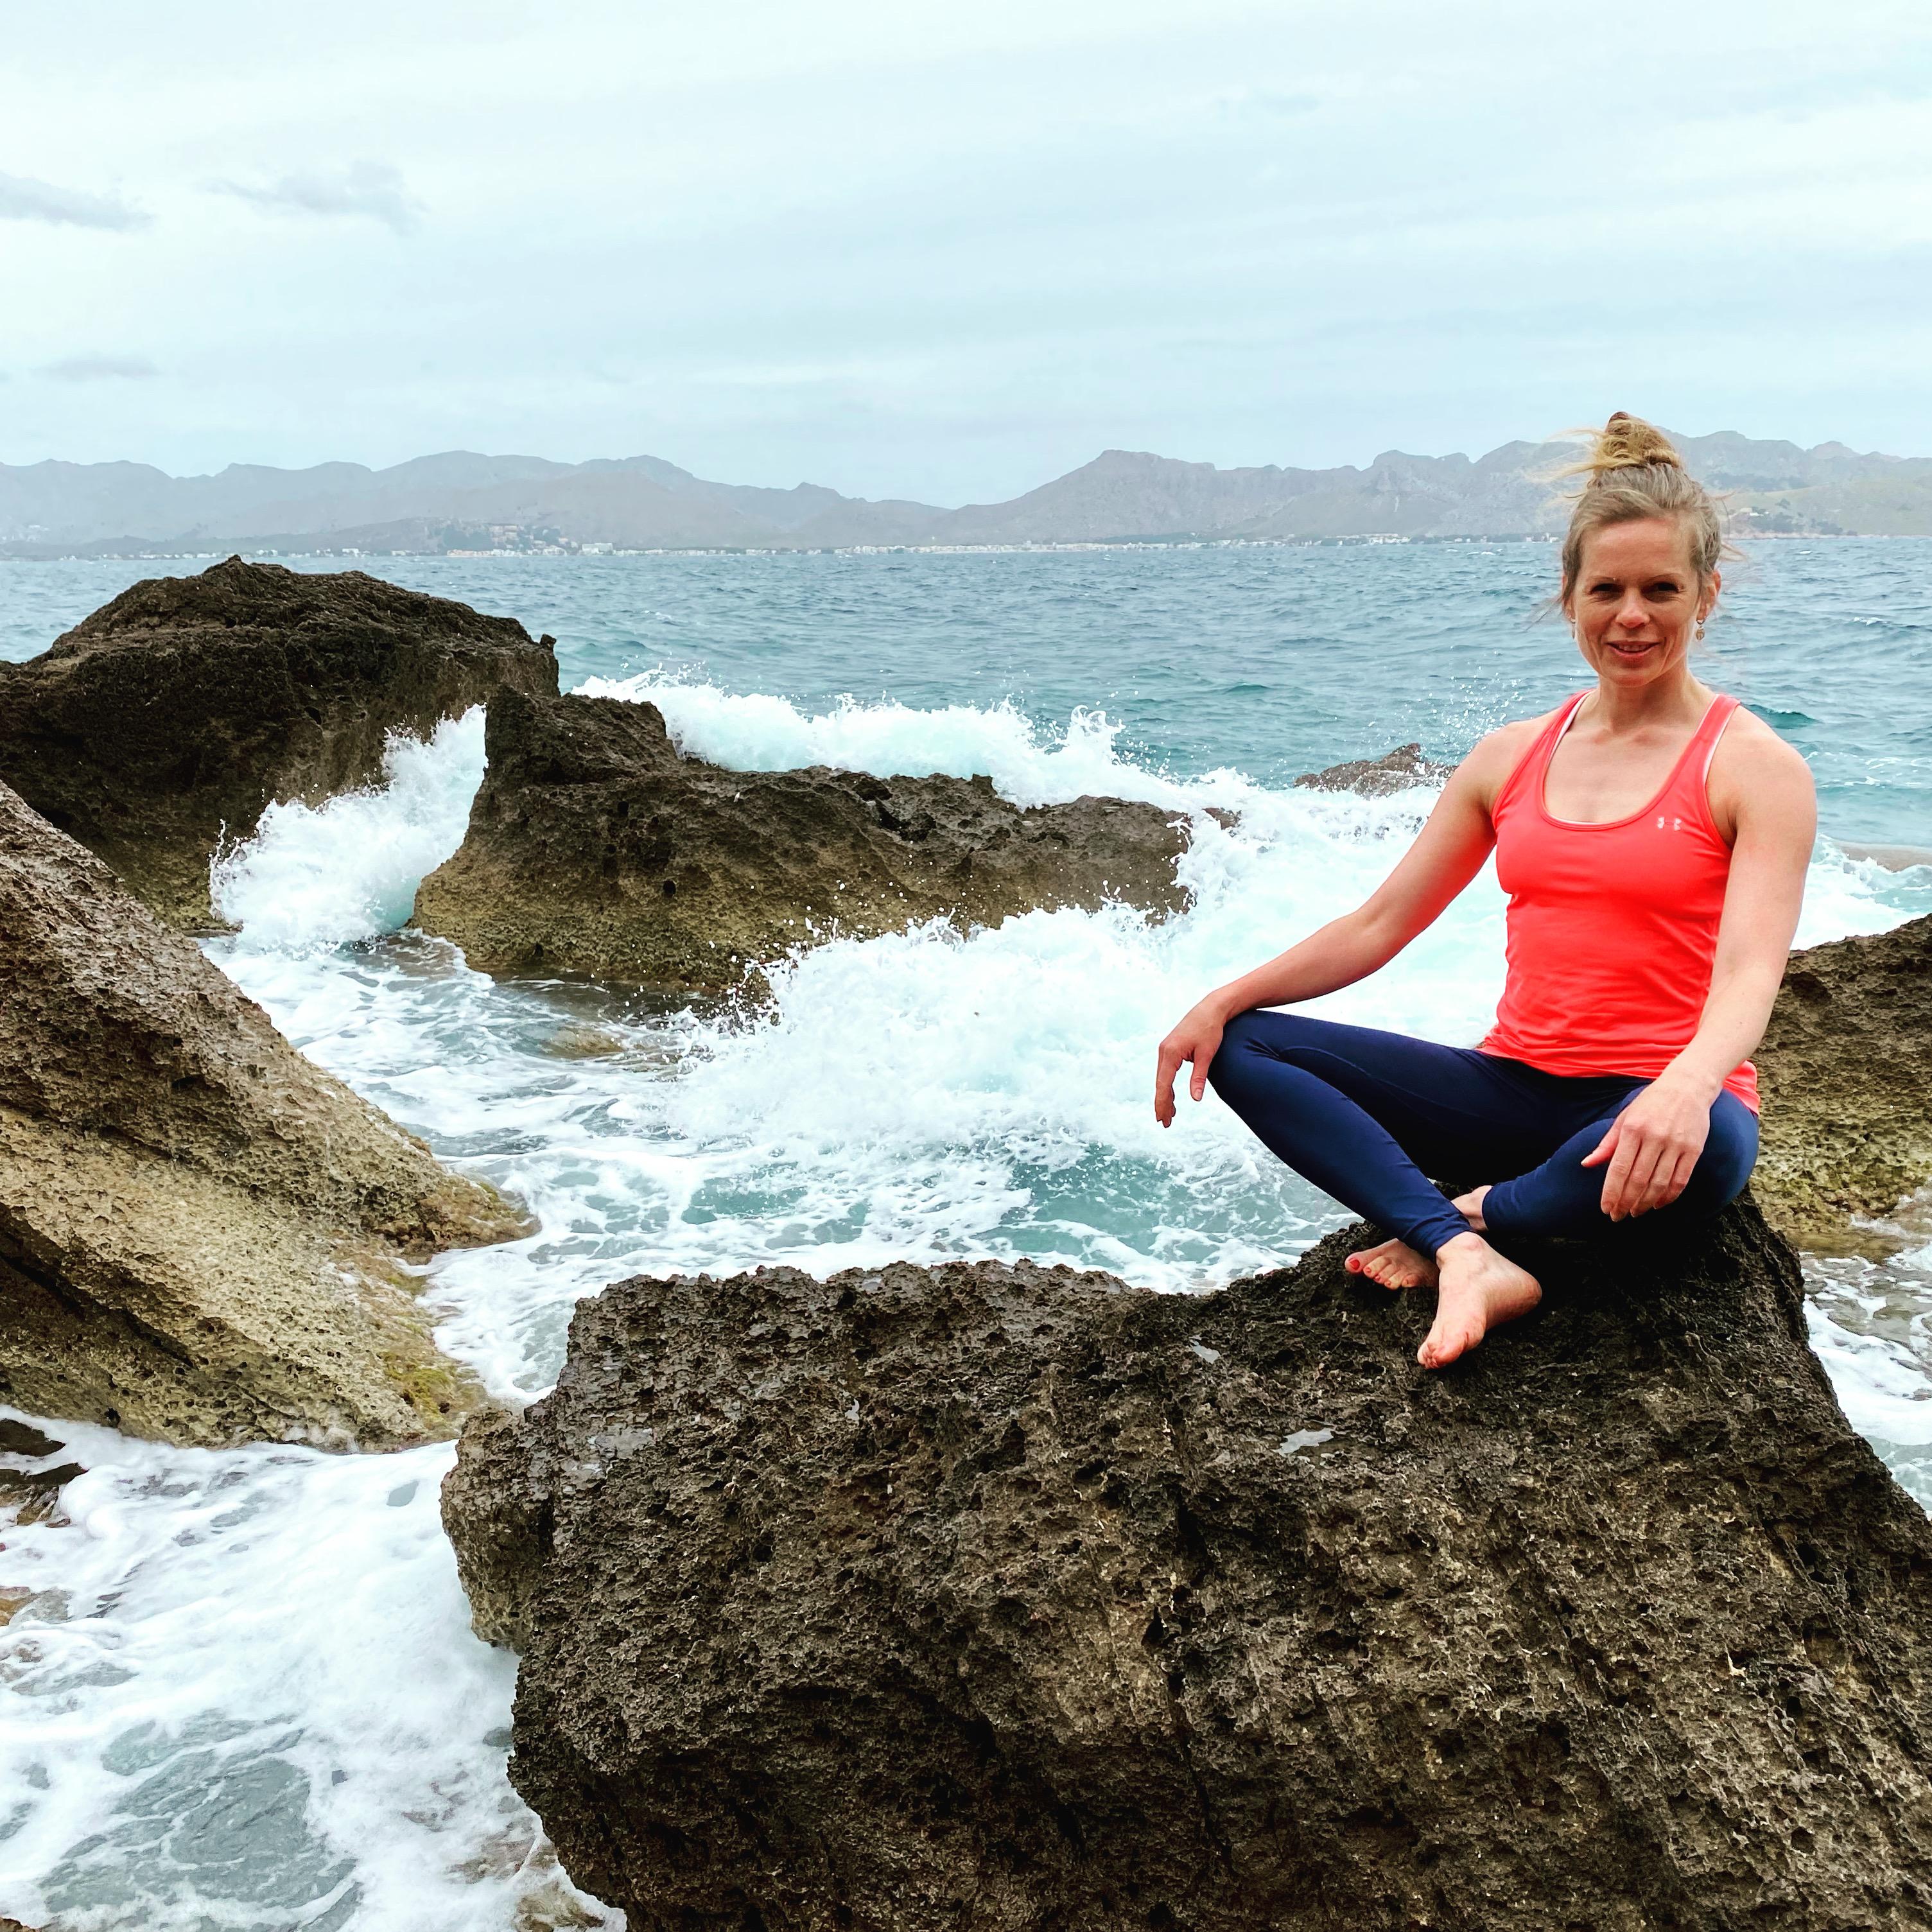 Frau im Sportoutfit sitzt im Schneidersitz auf einem Stein. Um sie herum sind weitere große und kleine Felsen. Im Hintergrund ist ein tosendes Meer zu sehen. Es ist sehr windig.